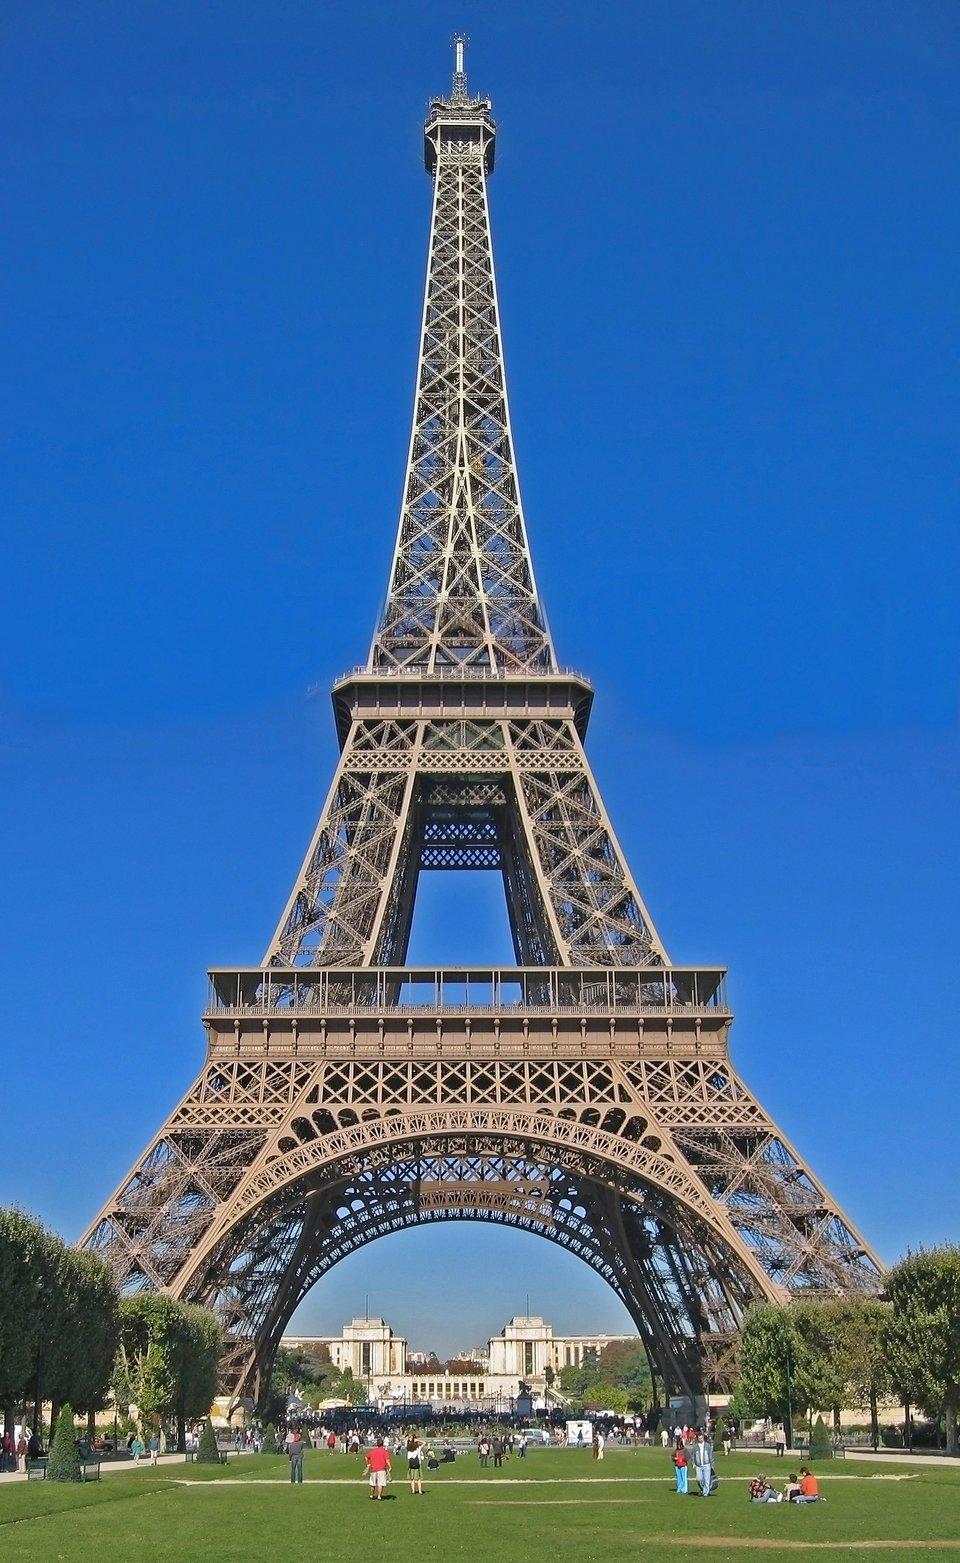 Wieża Eiffla wParyżu Wieża Eiffla wParyżu Źródło: Kscolan, domena publiczna.